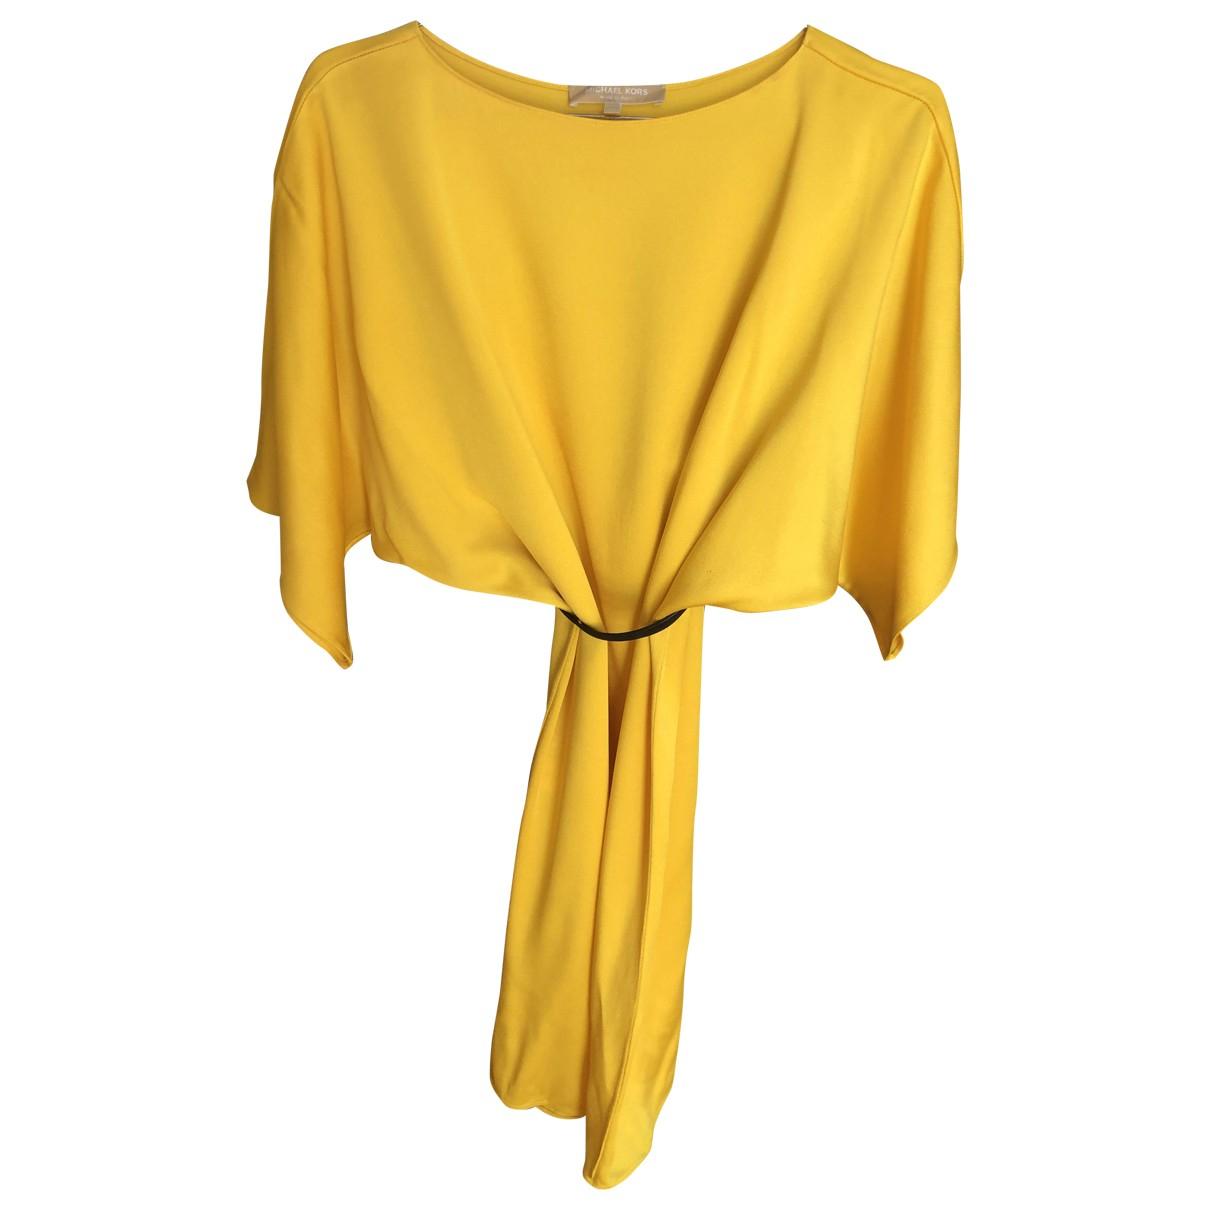 Michael Kors \N Kleid in  Gelb Seide